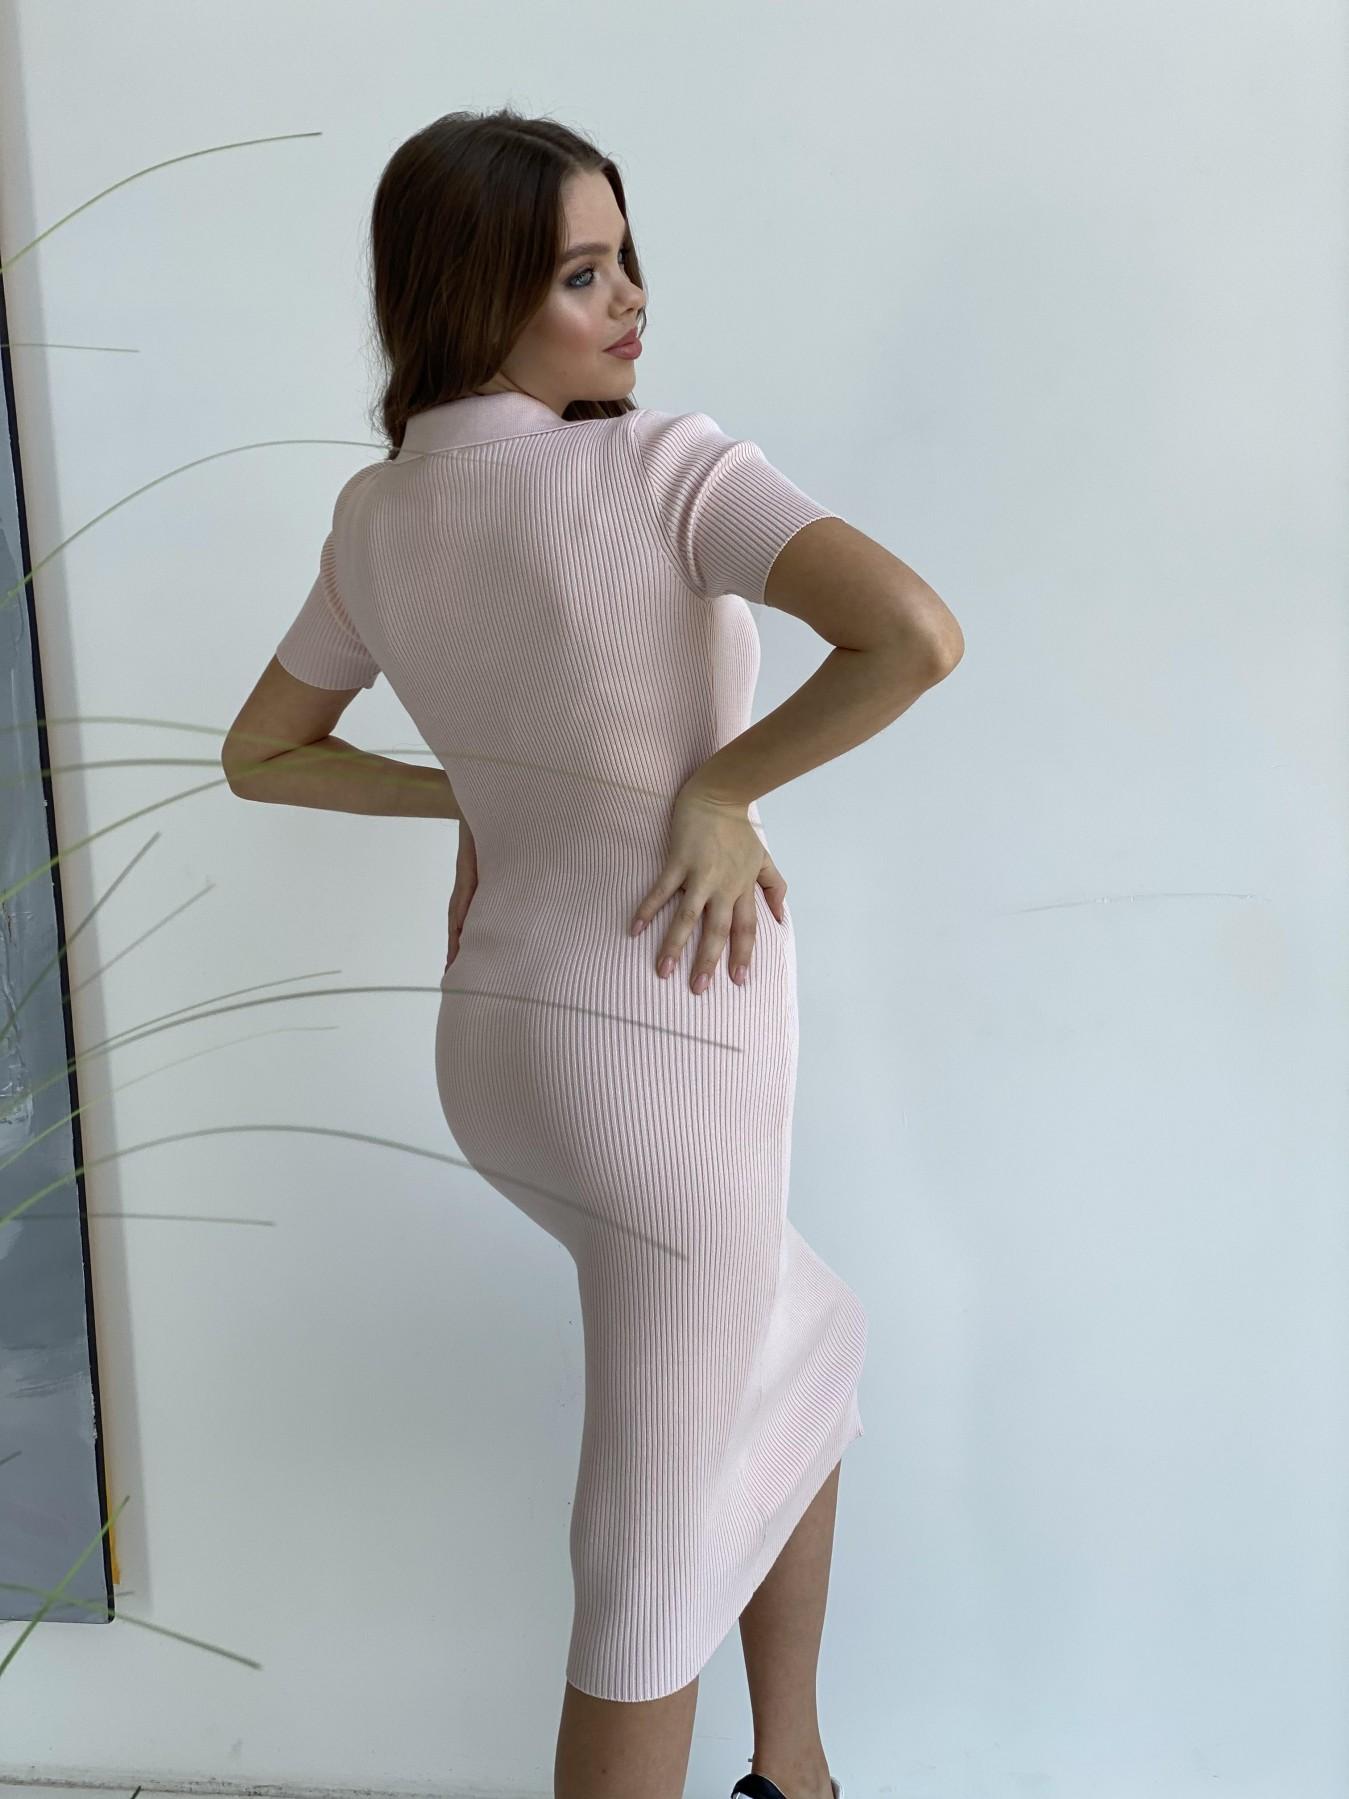 Платье воротник 91688 АРТ. 48070 Цвет: Пудра 2 - фото 5, интернет магазин tm-modus.ru